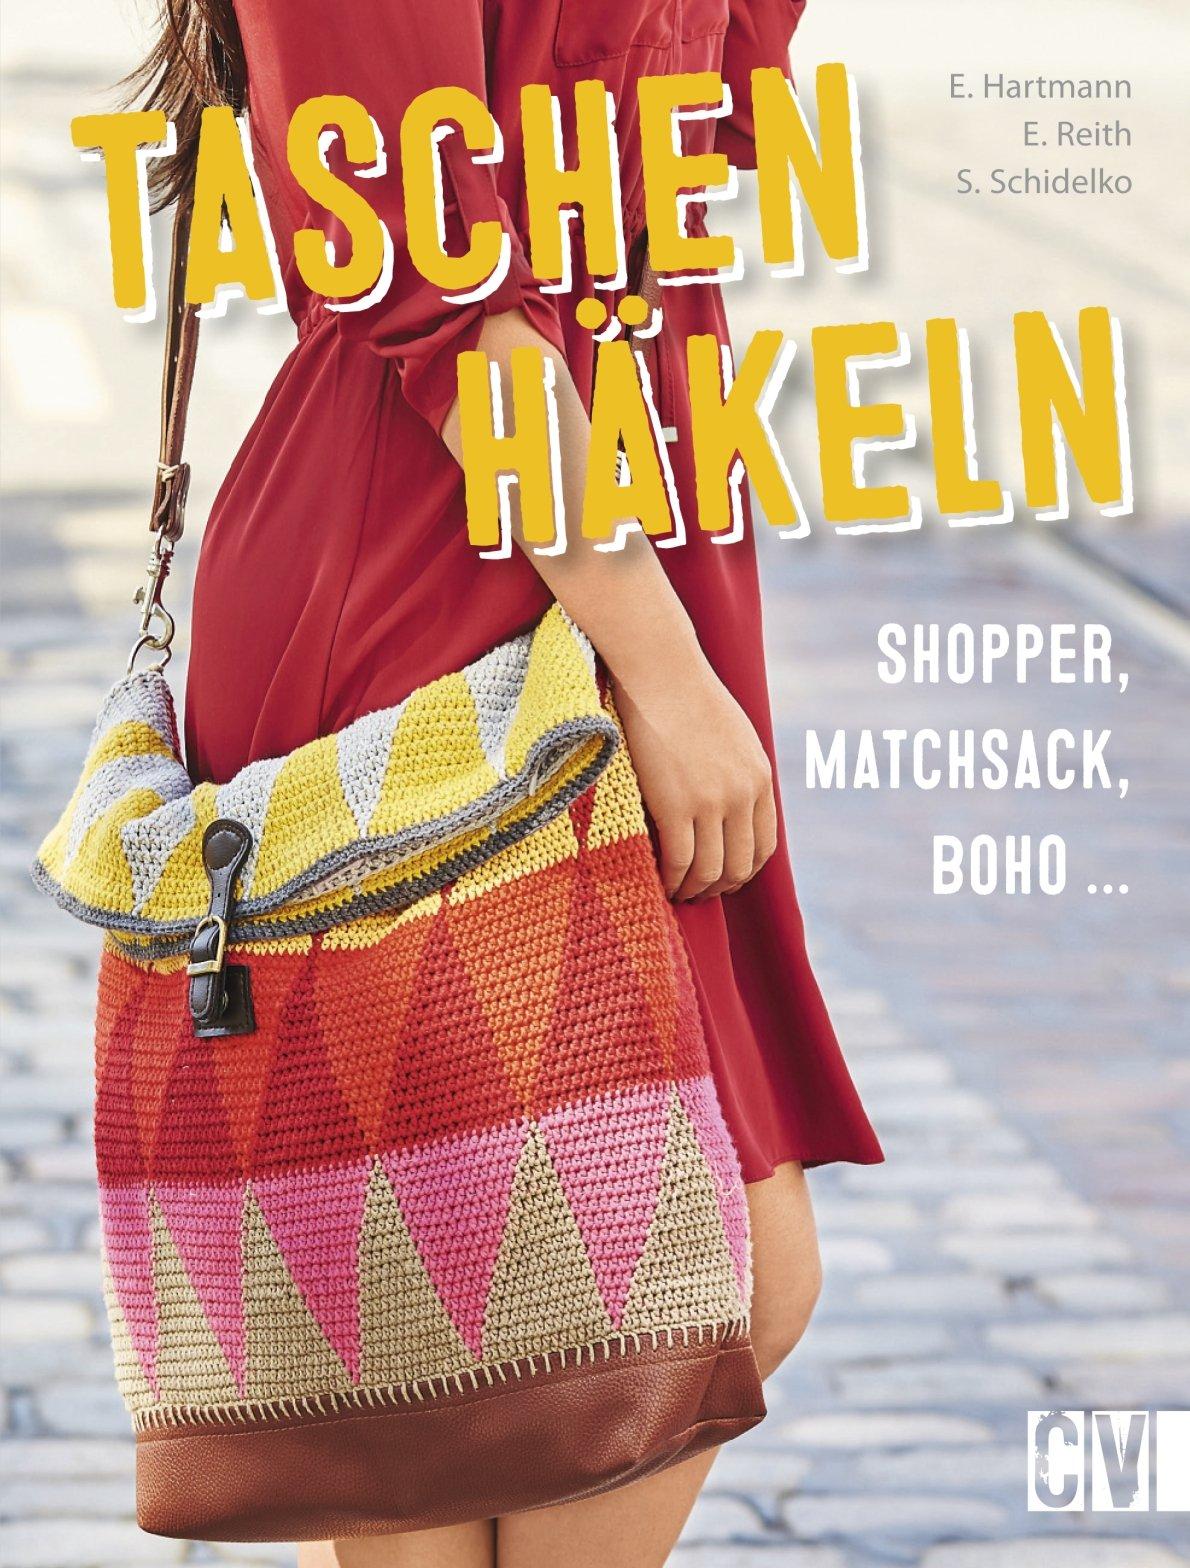 Taschen häkeln: Shopper, Matchsack, Boho: Amazon.de: Ella Hartmann ...